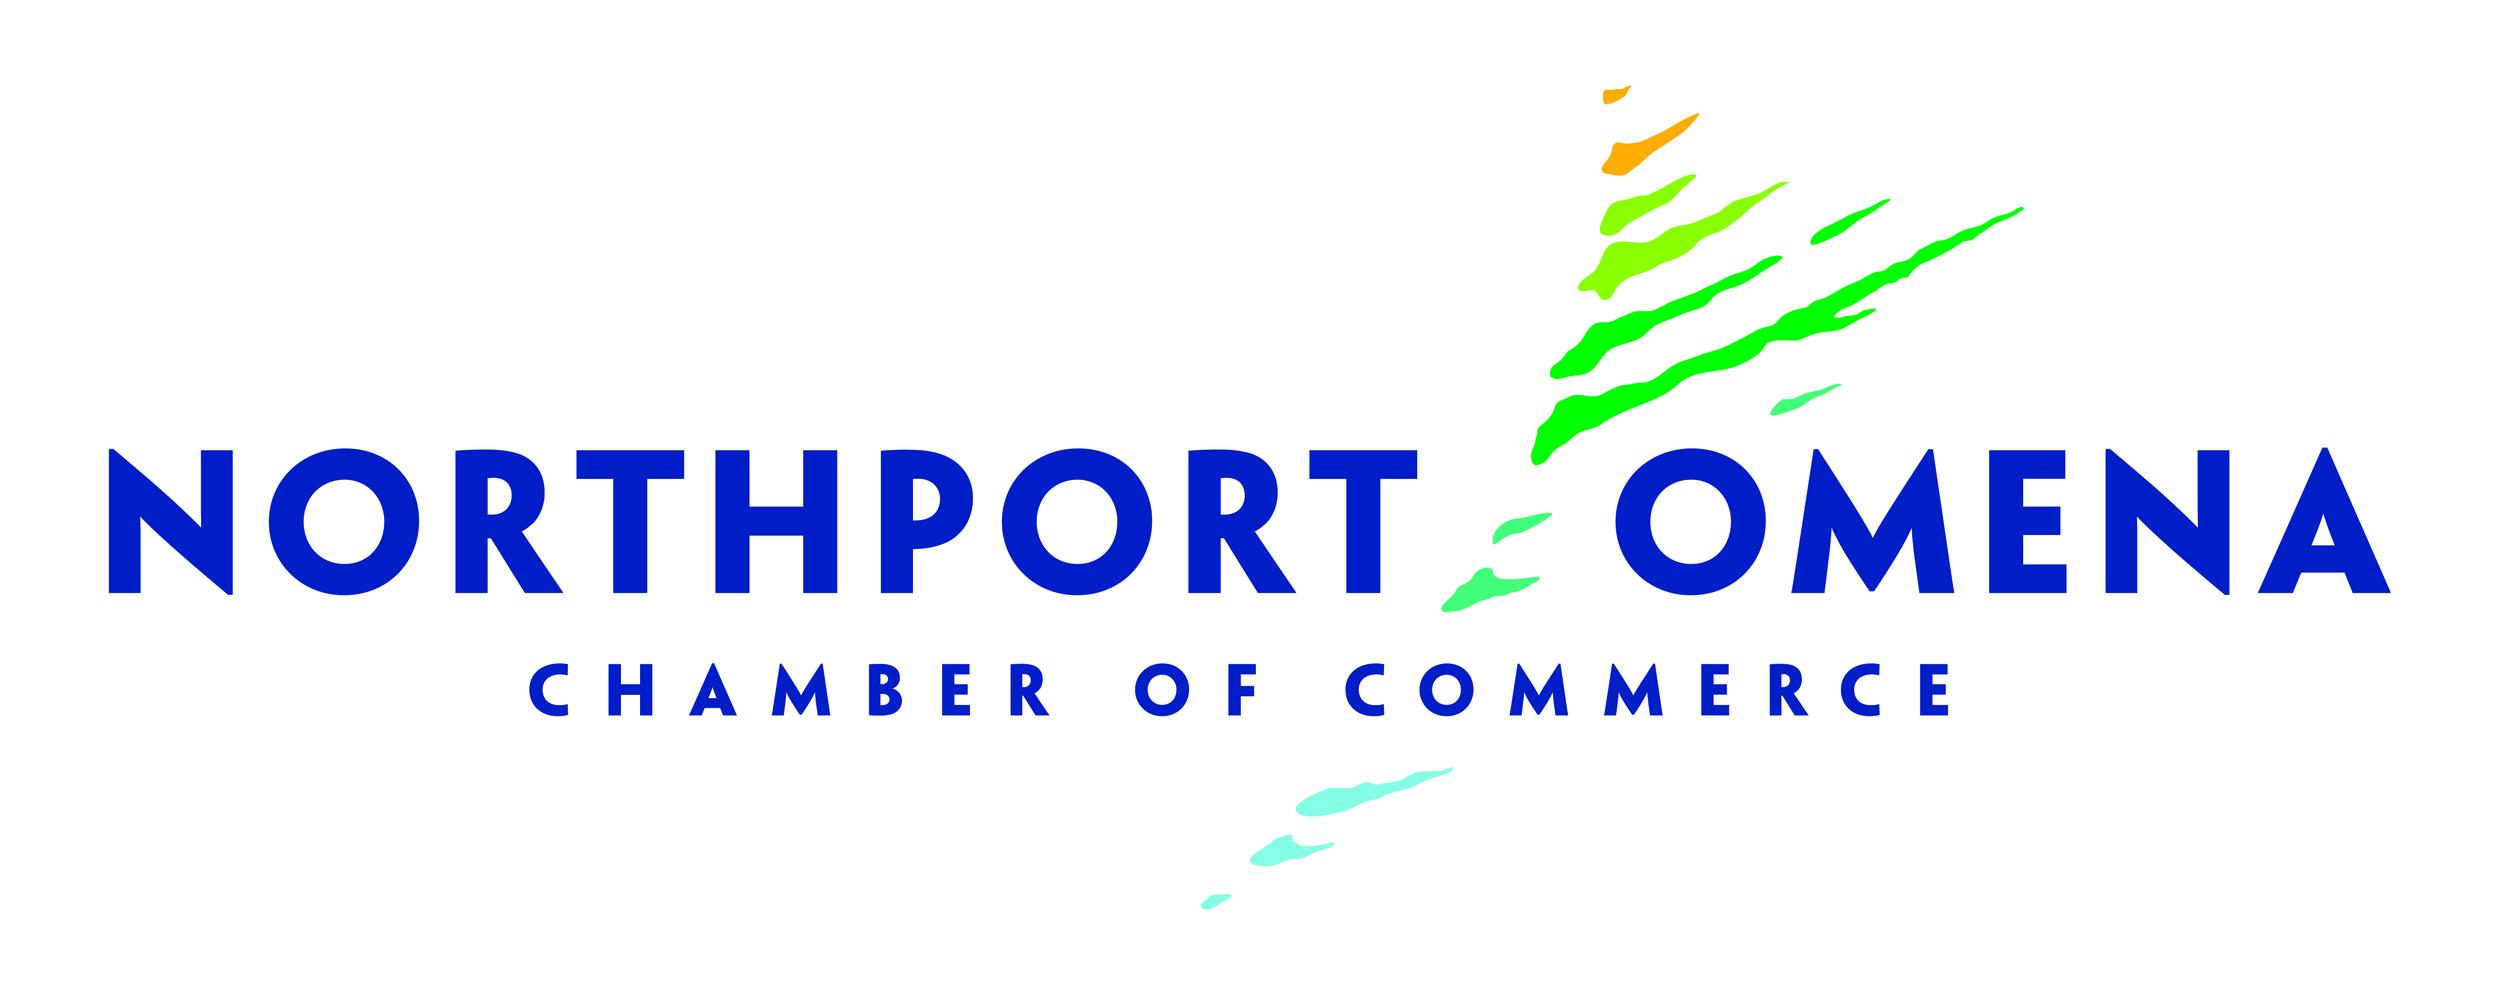 NorthportOmena_Logo_CMYK_LARGE.jpg